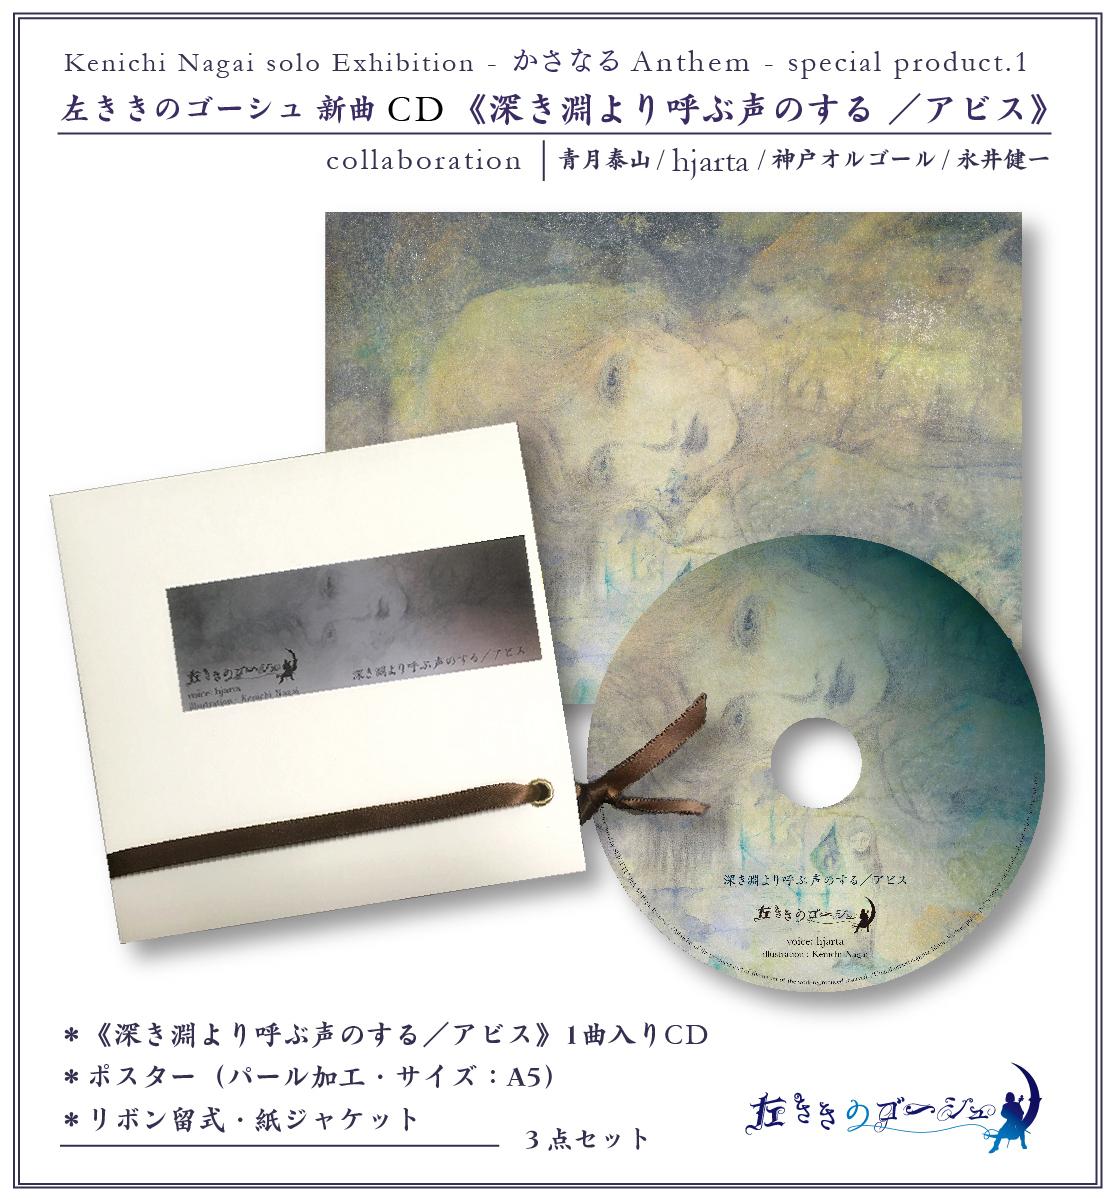 『深き淵より呼ぶ声のする/アビス』CD